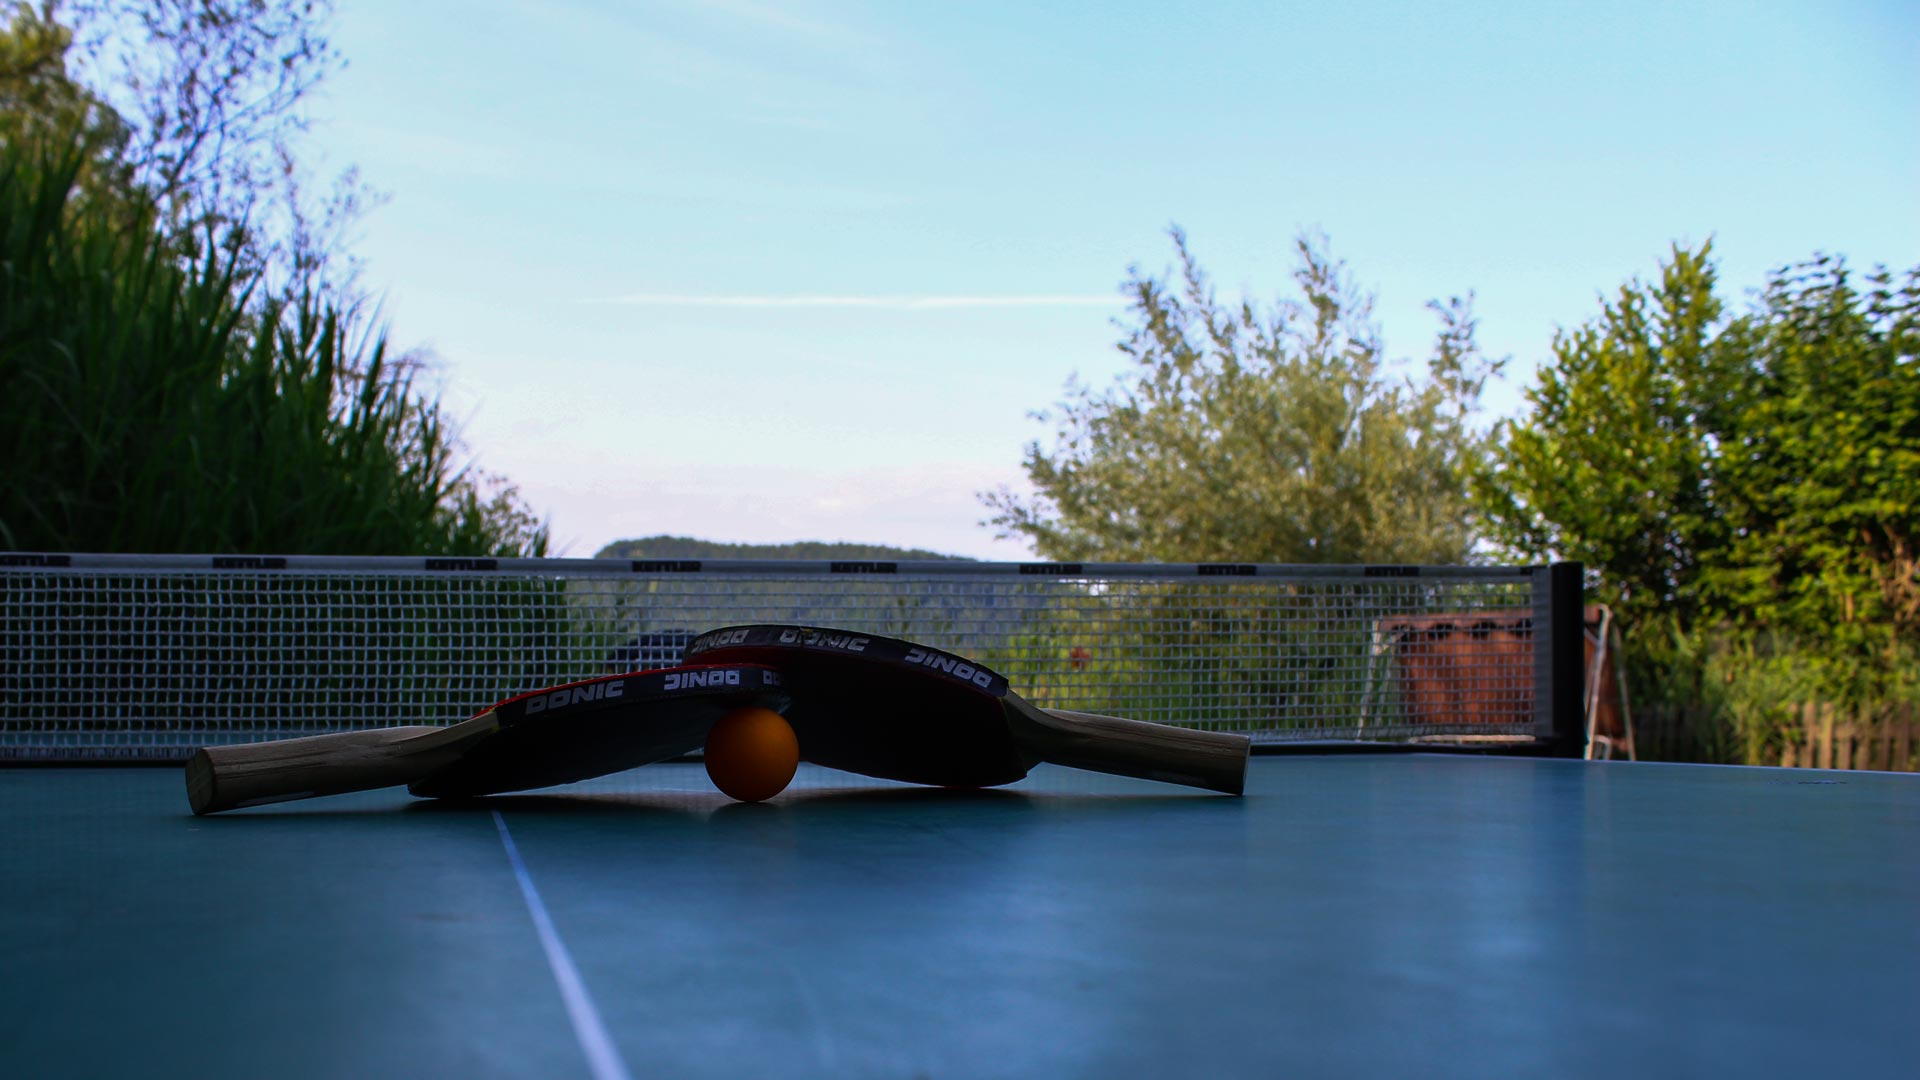 Sportliche Aktivitäten: Tischtennis am See